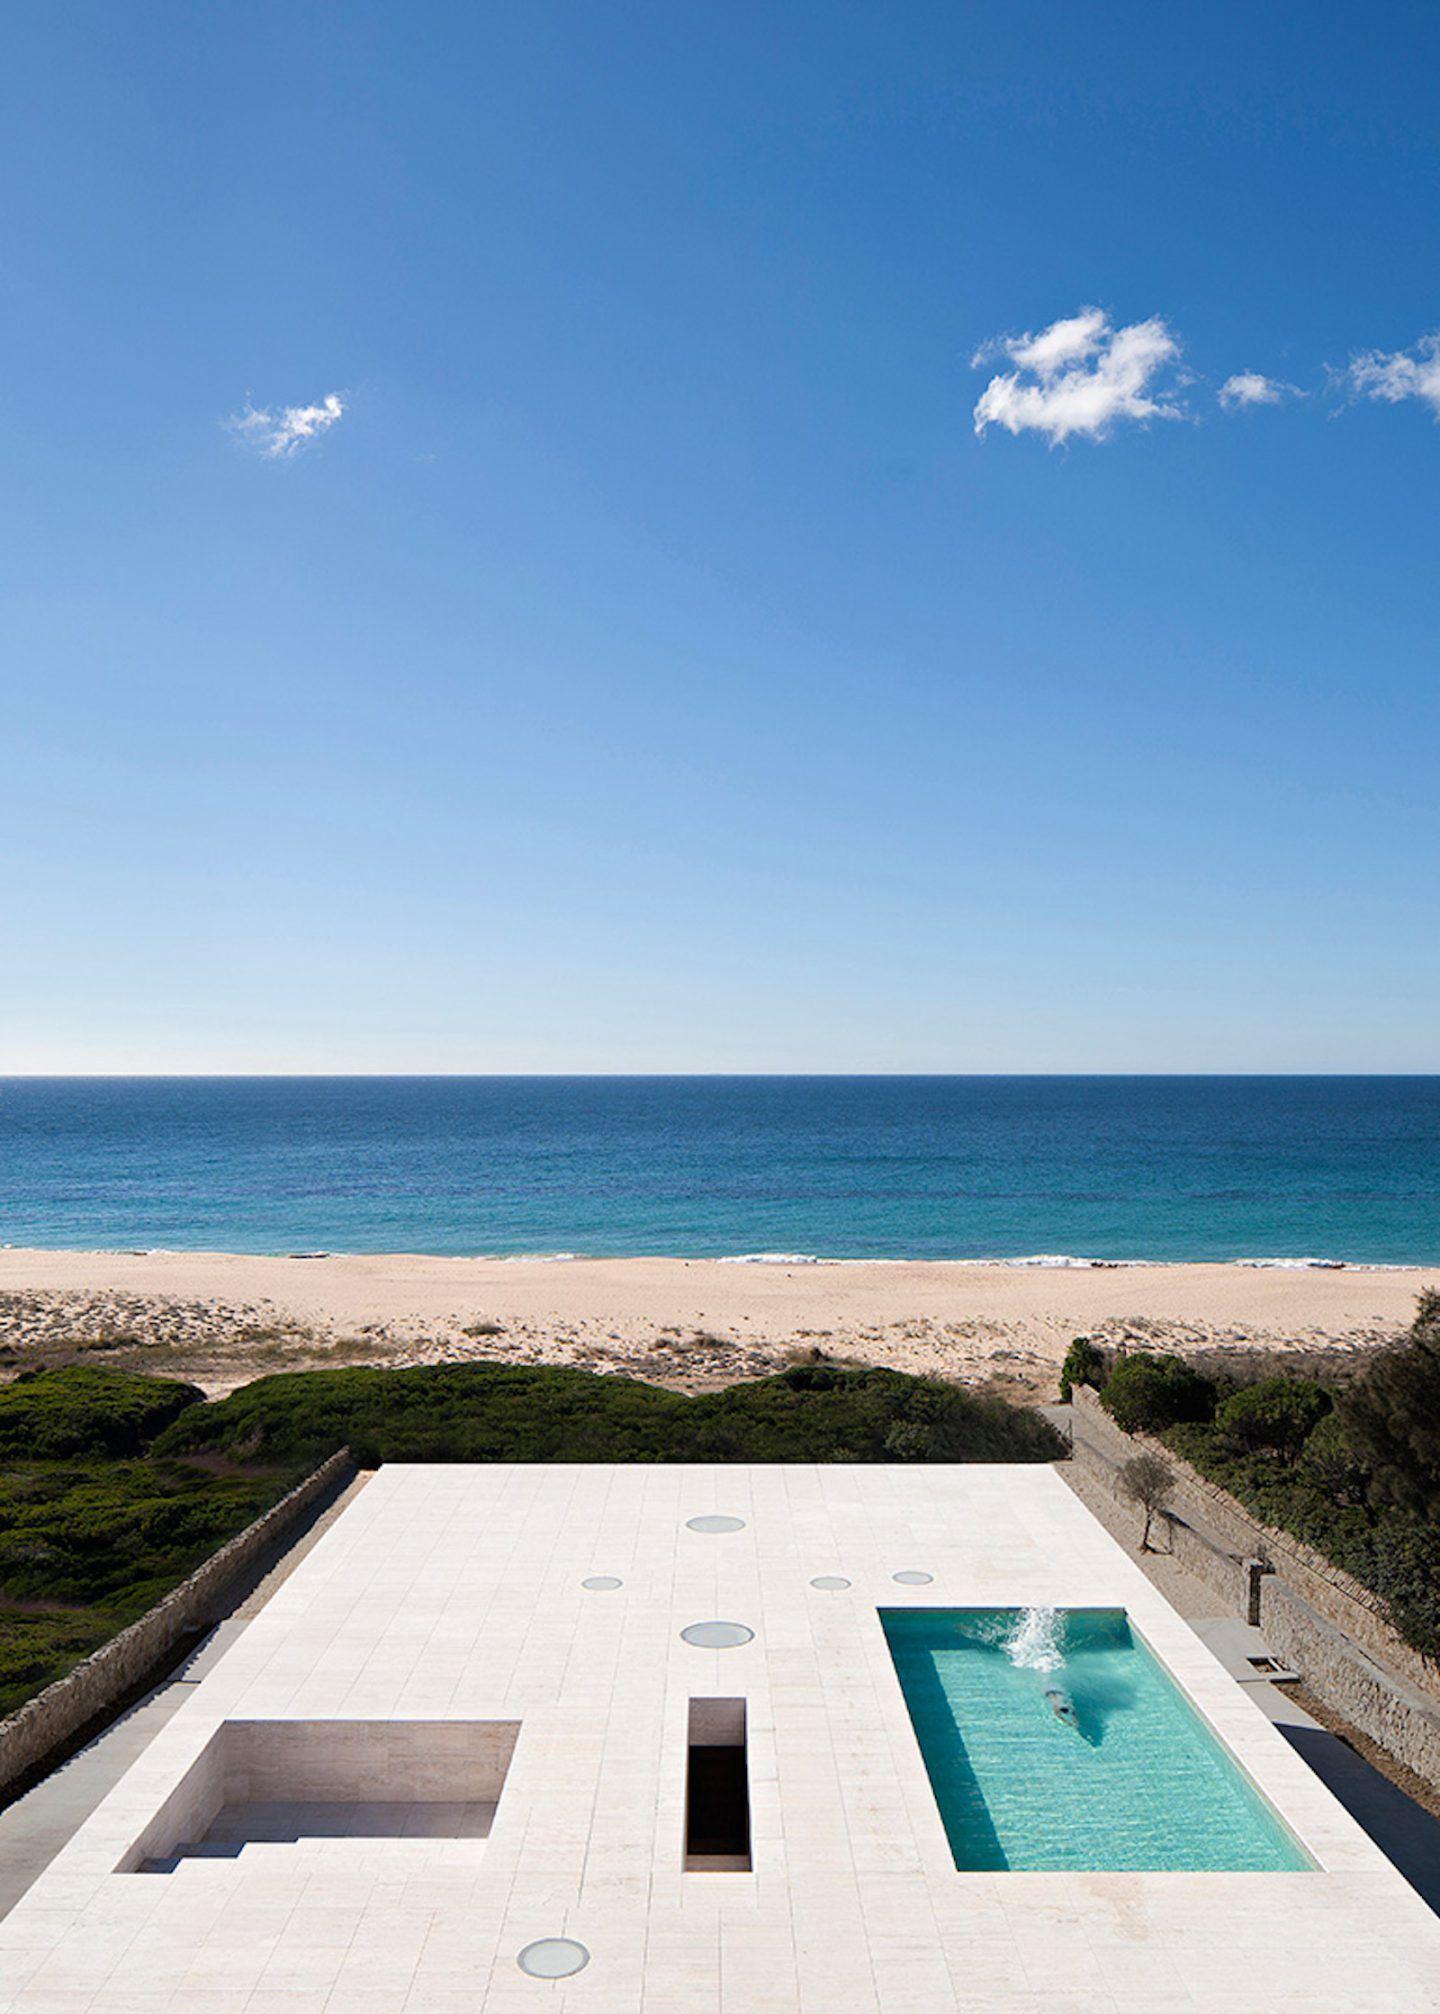 IGNANT-Architecture-Alberto-Campo-Baeza-Infinite-House-002